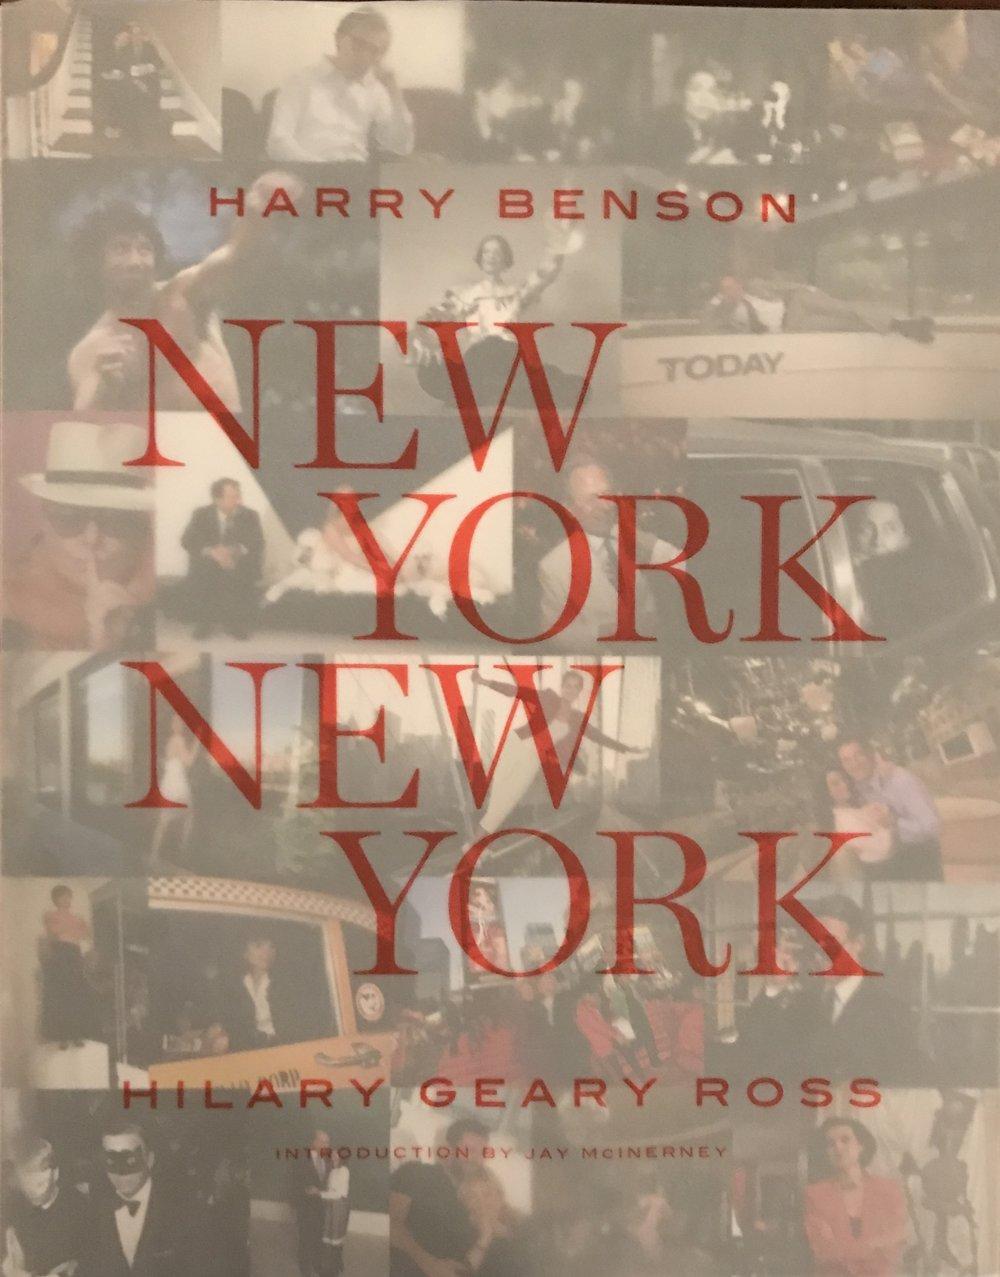 ilonBook_HarryBenson_NewYorkNewYork.jpg